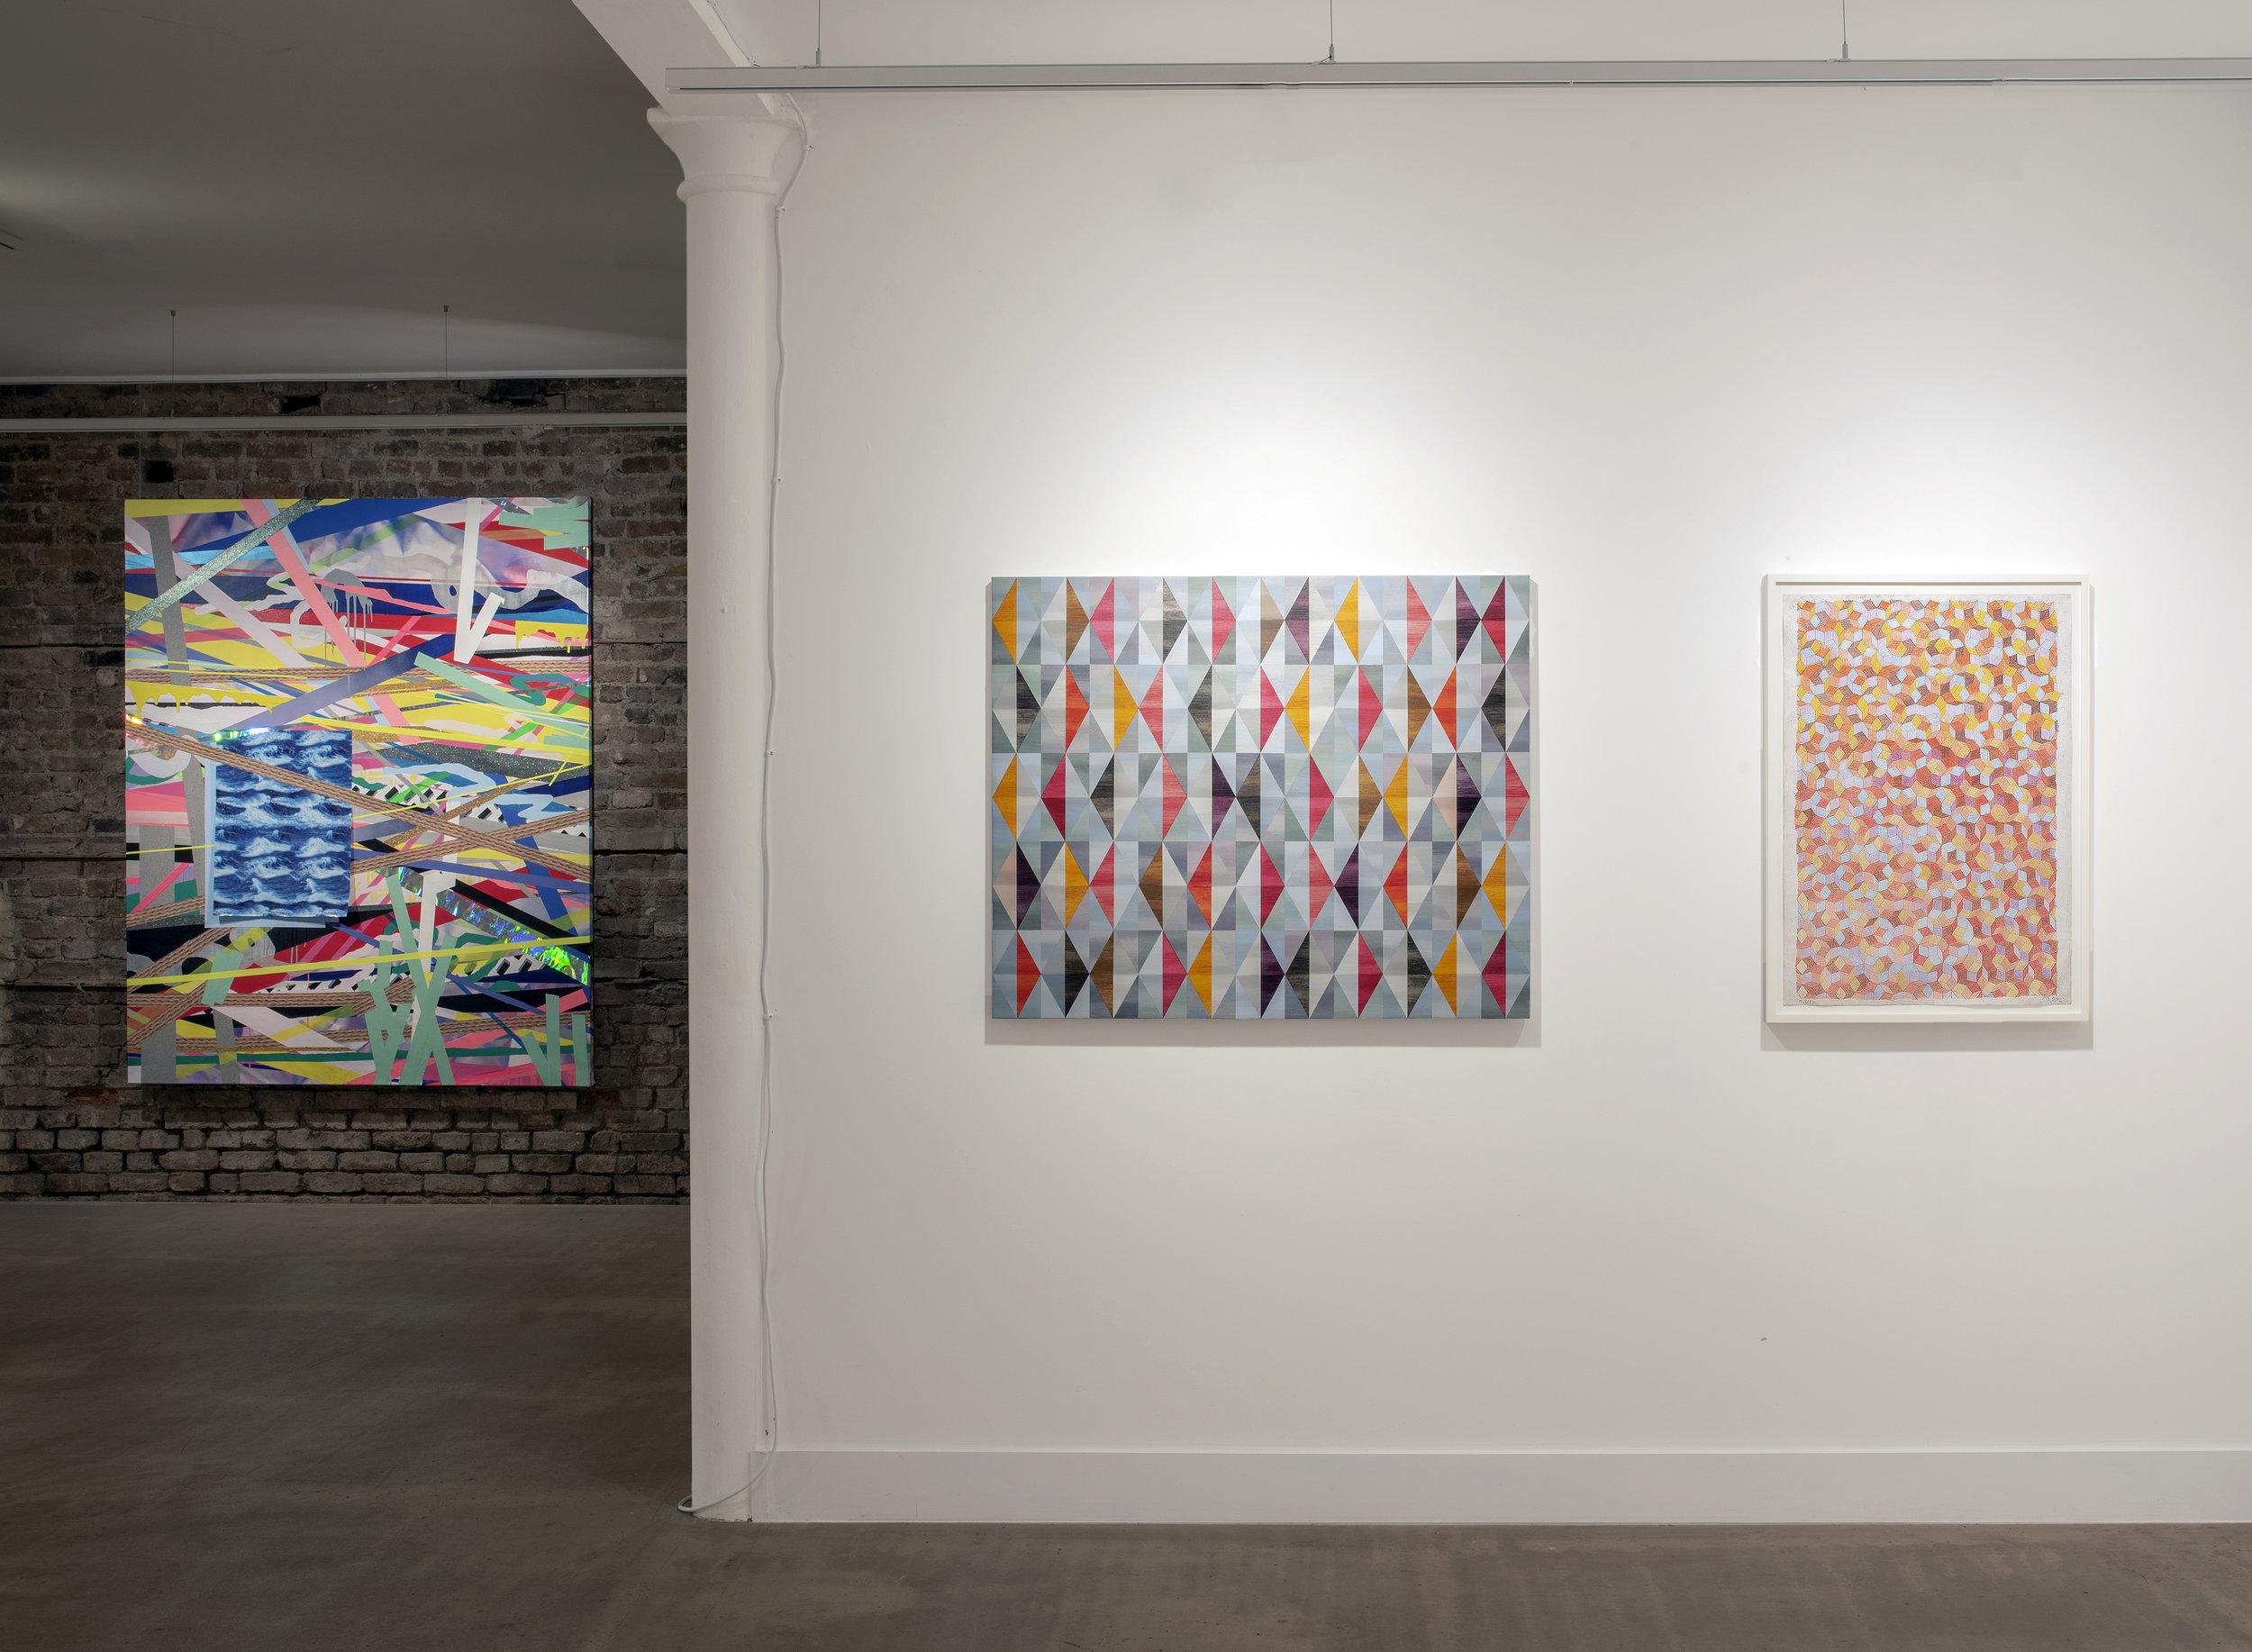 Why Patterns? at No 20 Arts